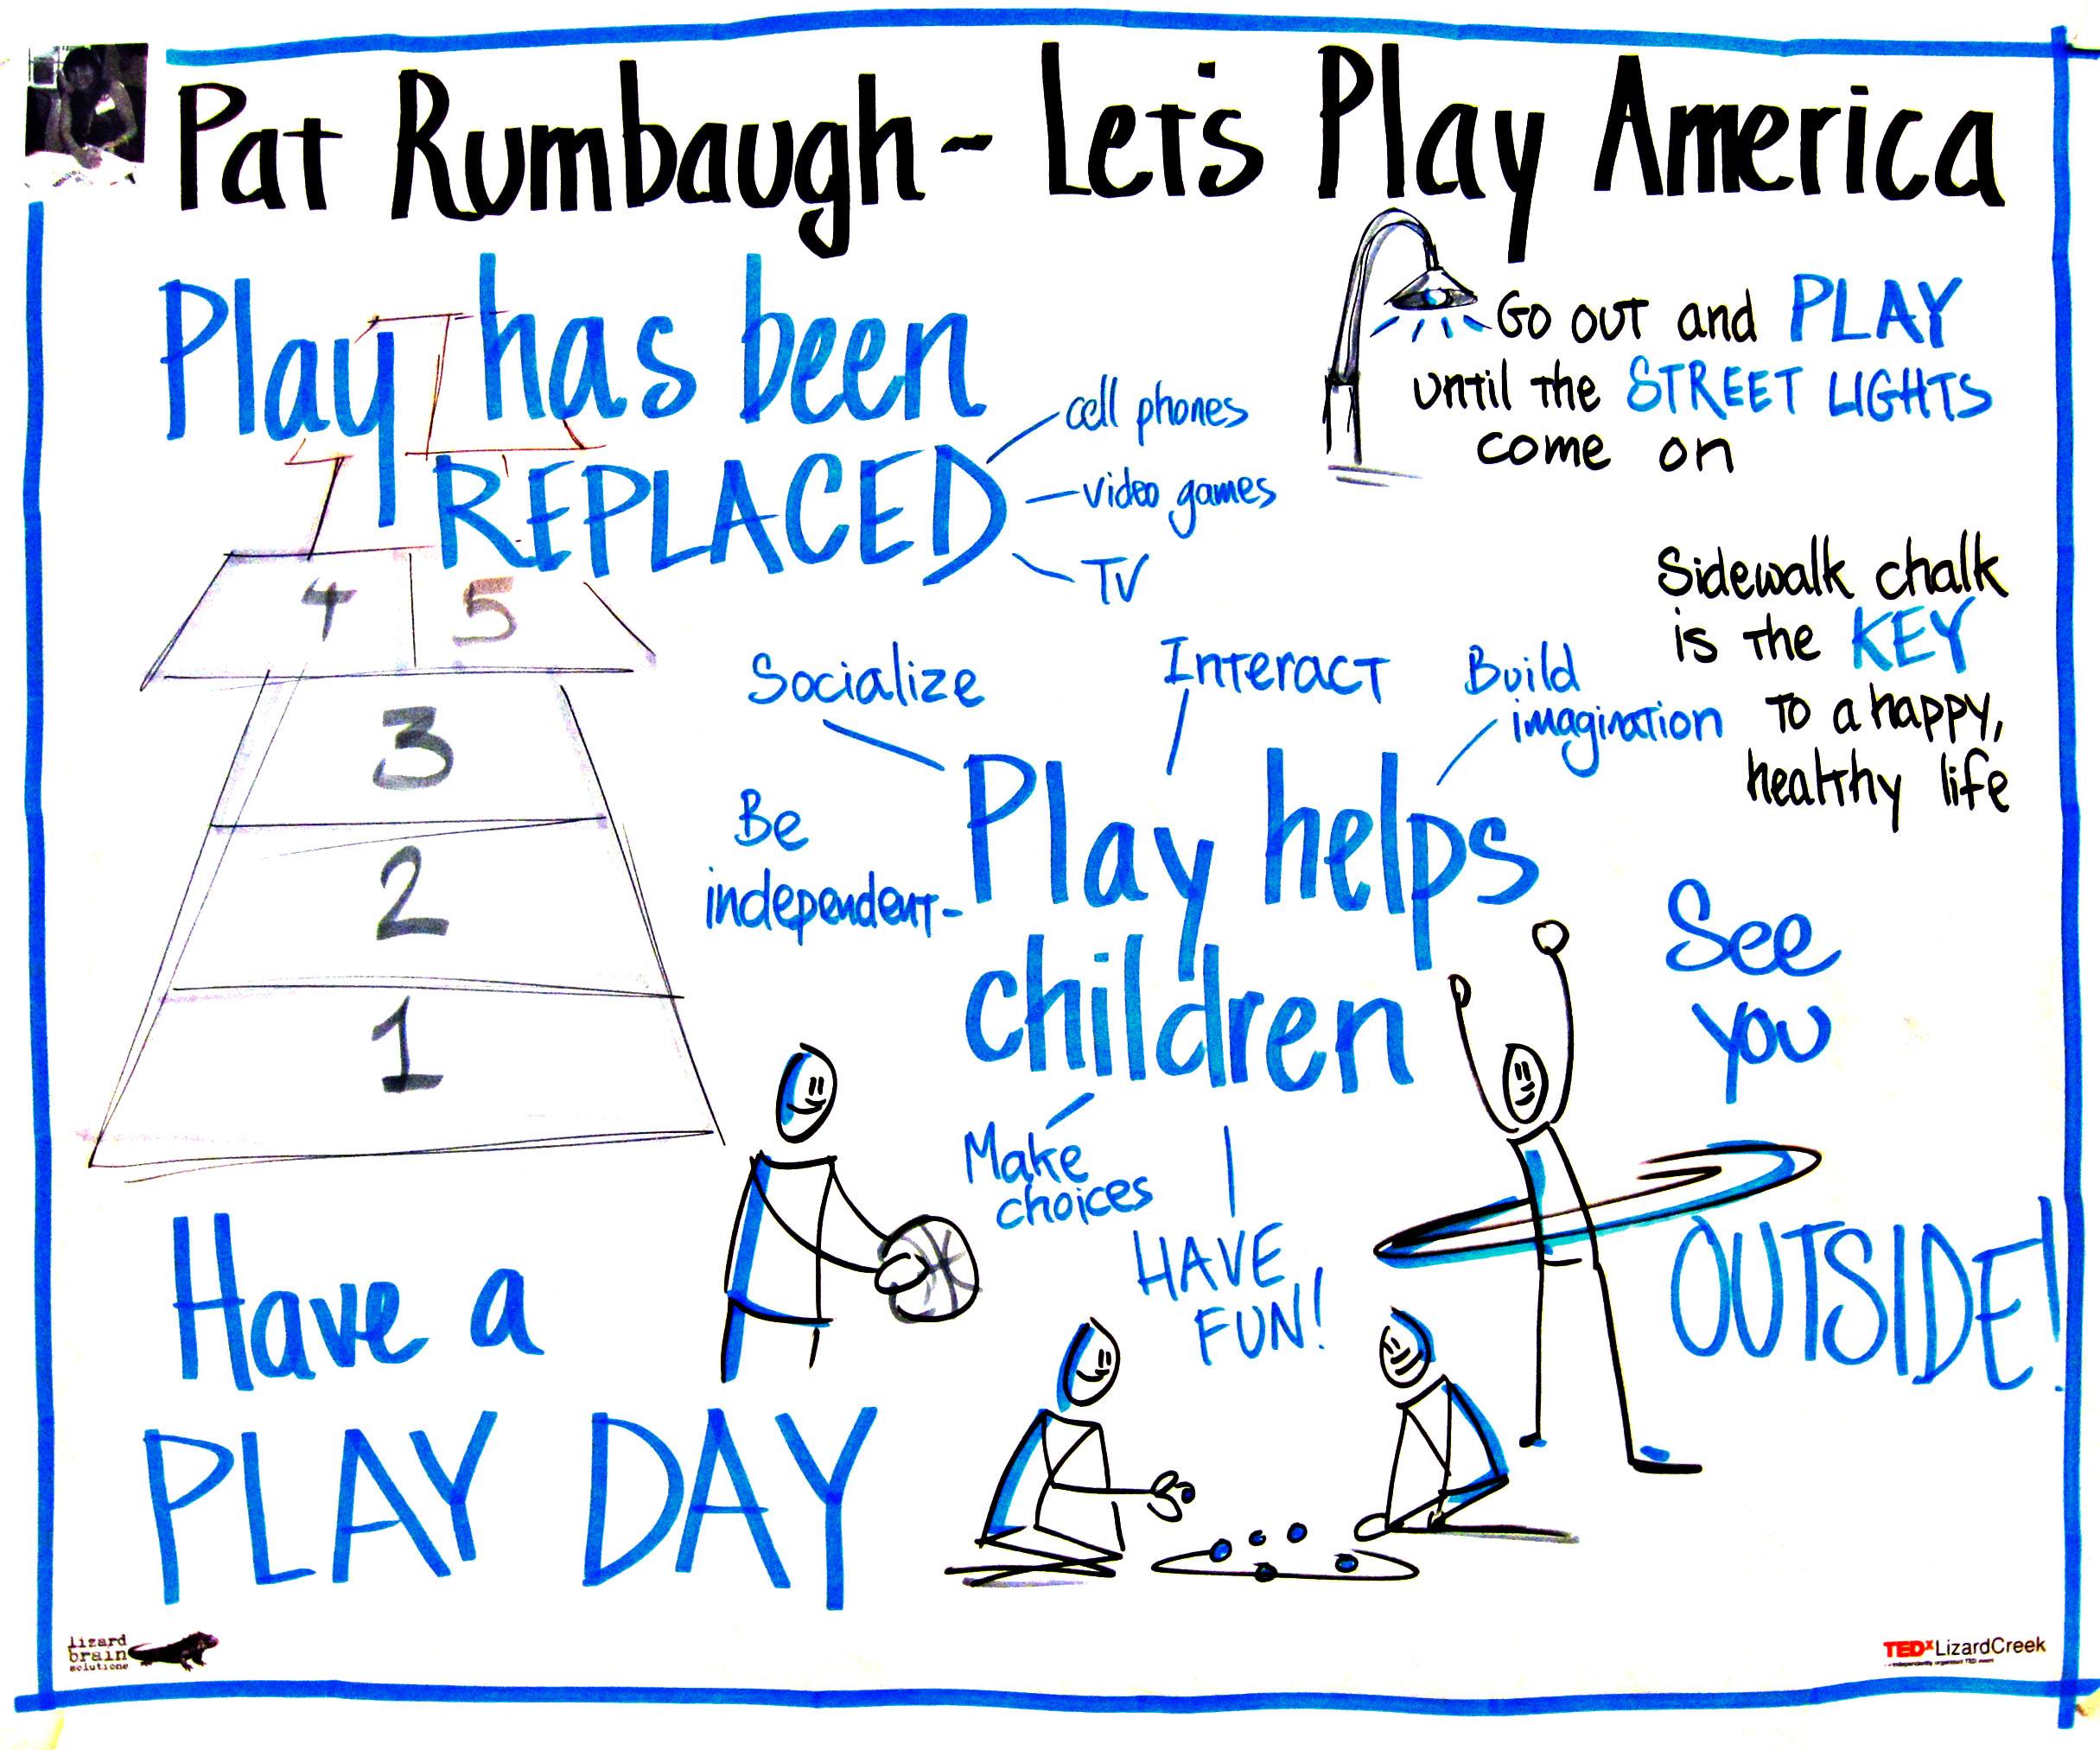 Pat Rumbaugh.jpg